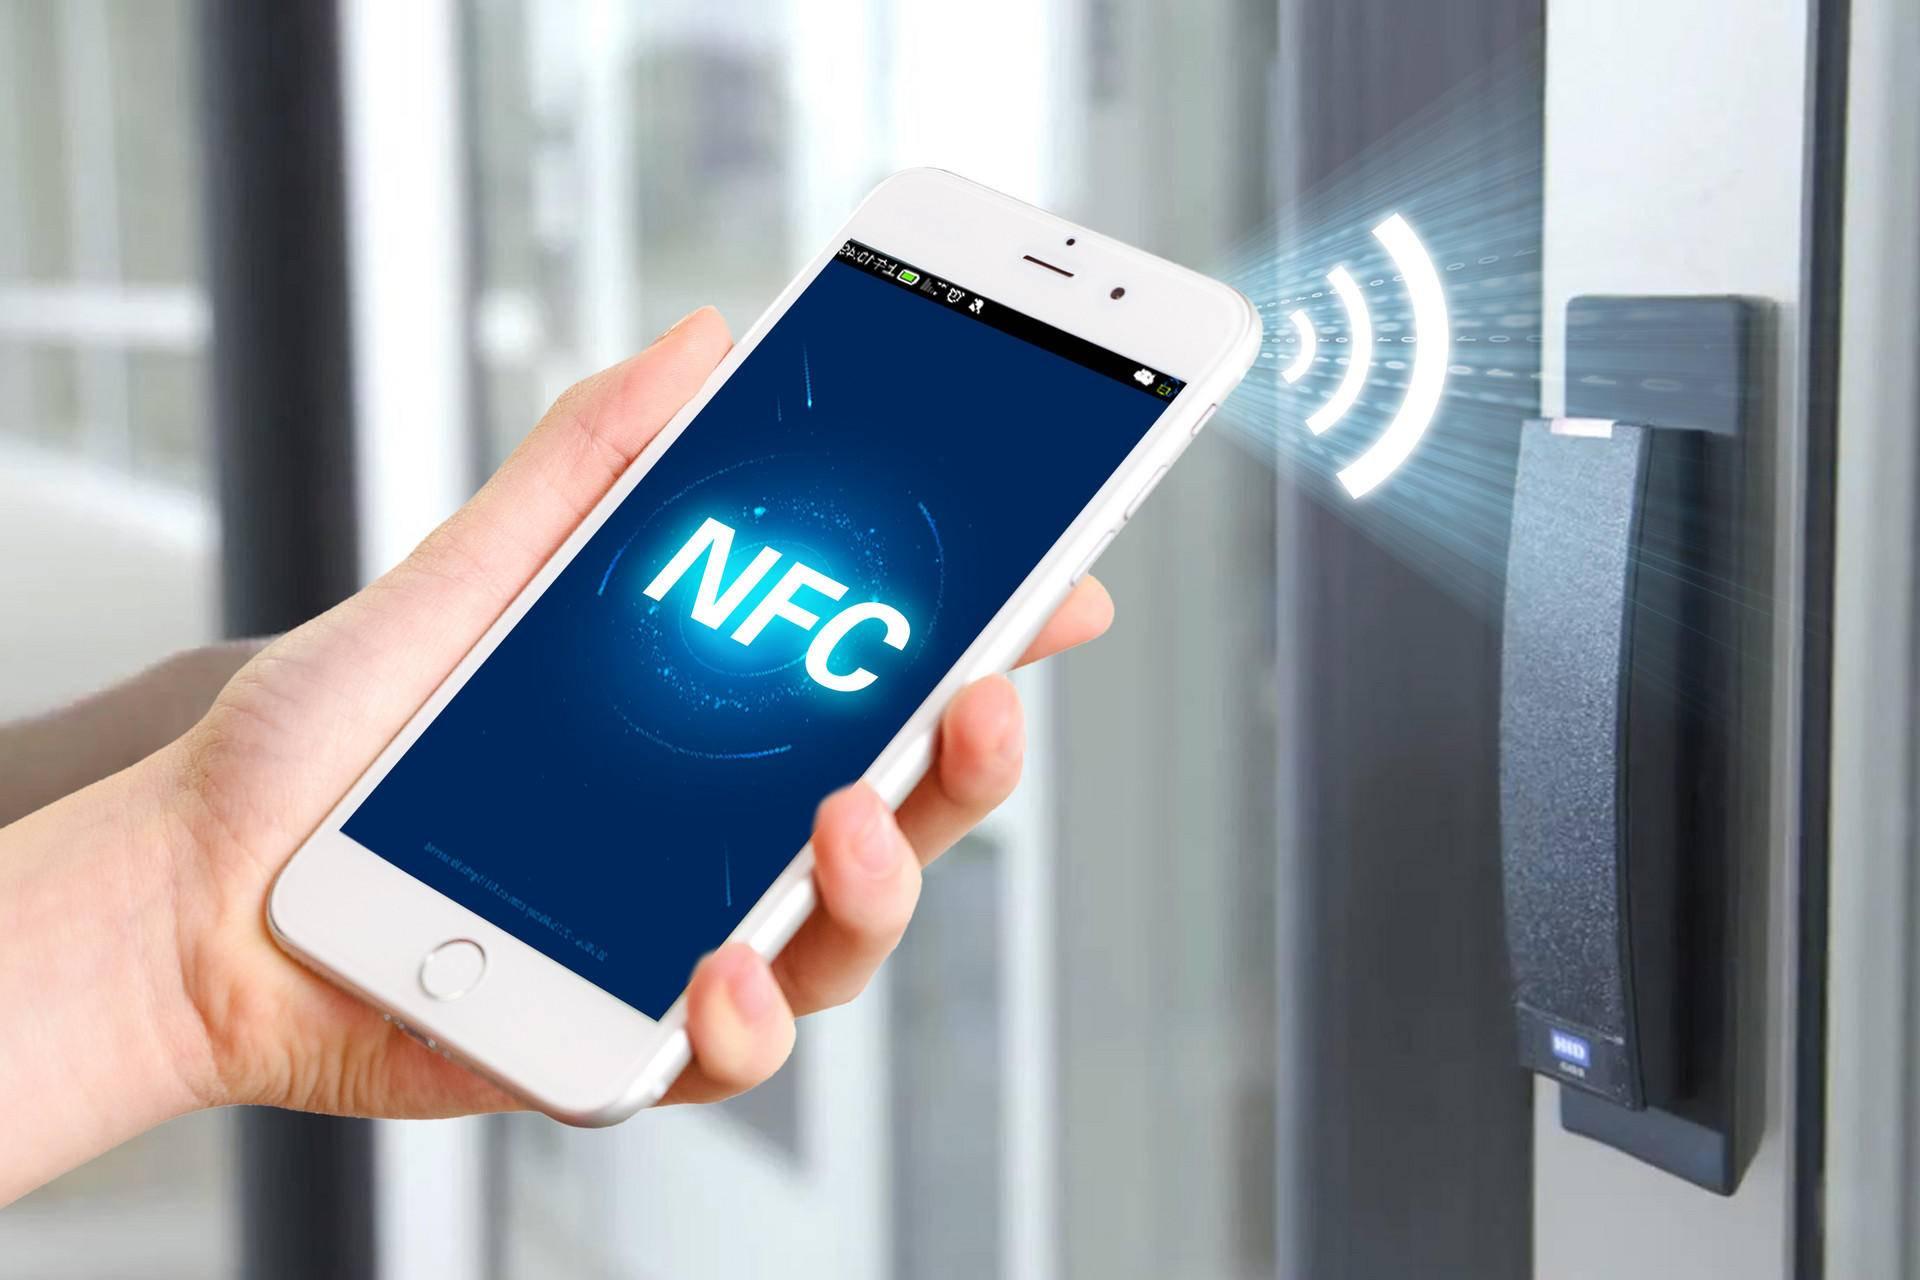 Чтобы поставить nfc модуль на смартфон, воспользуйтесь сим-картой со встроенным чипом